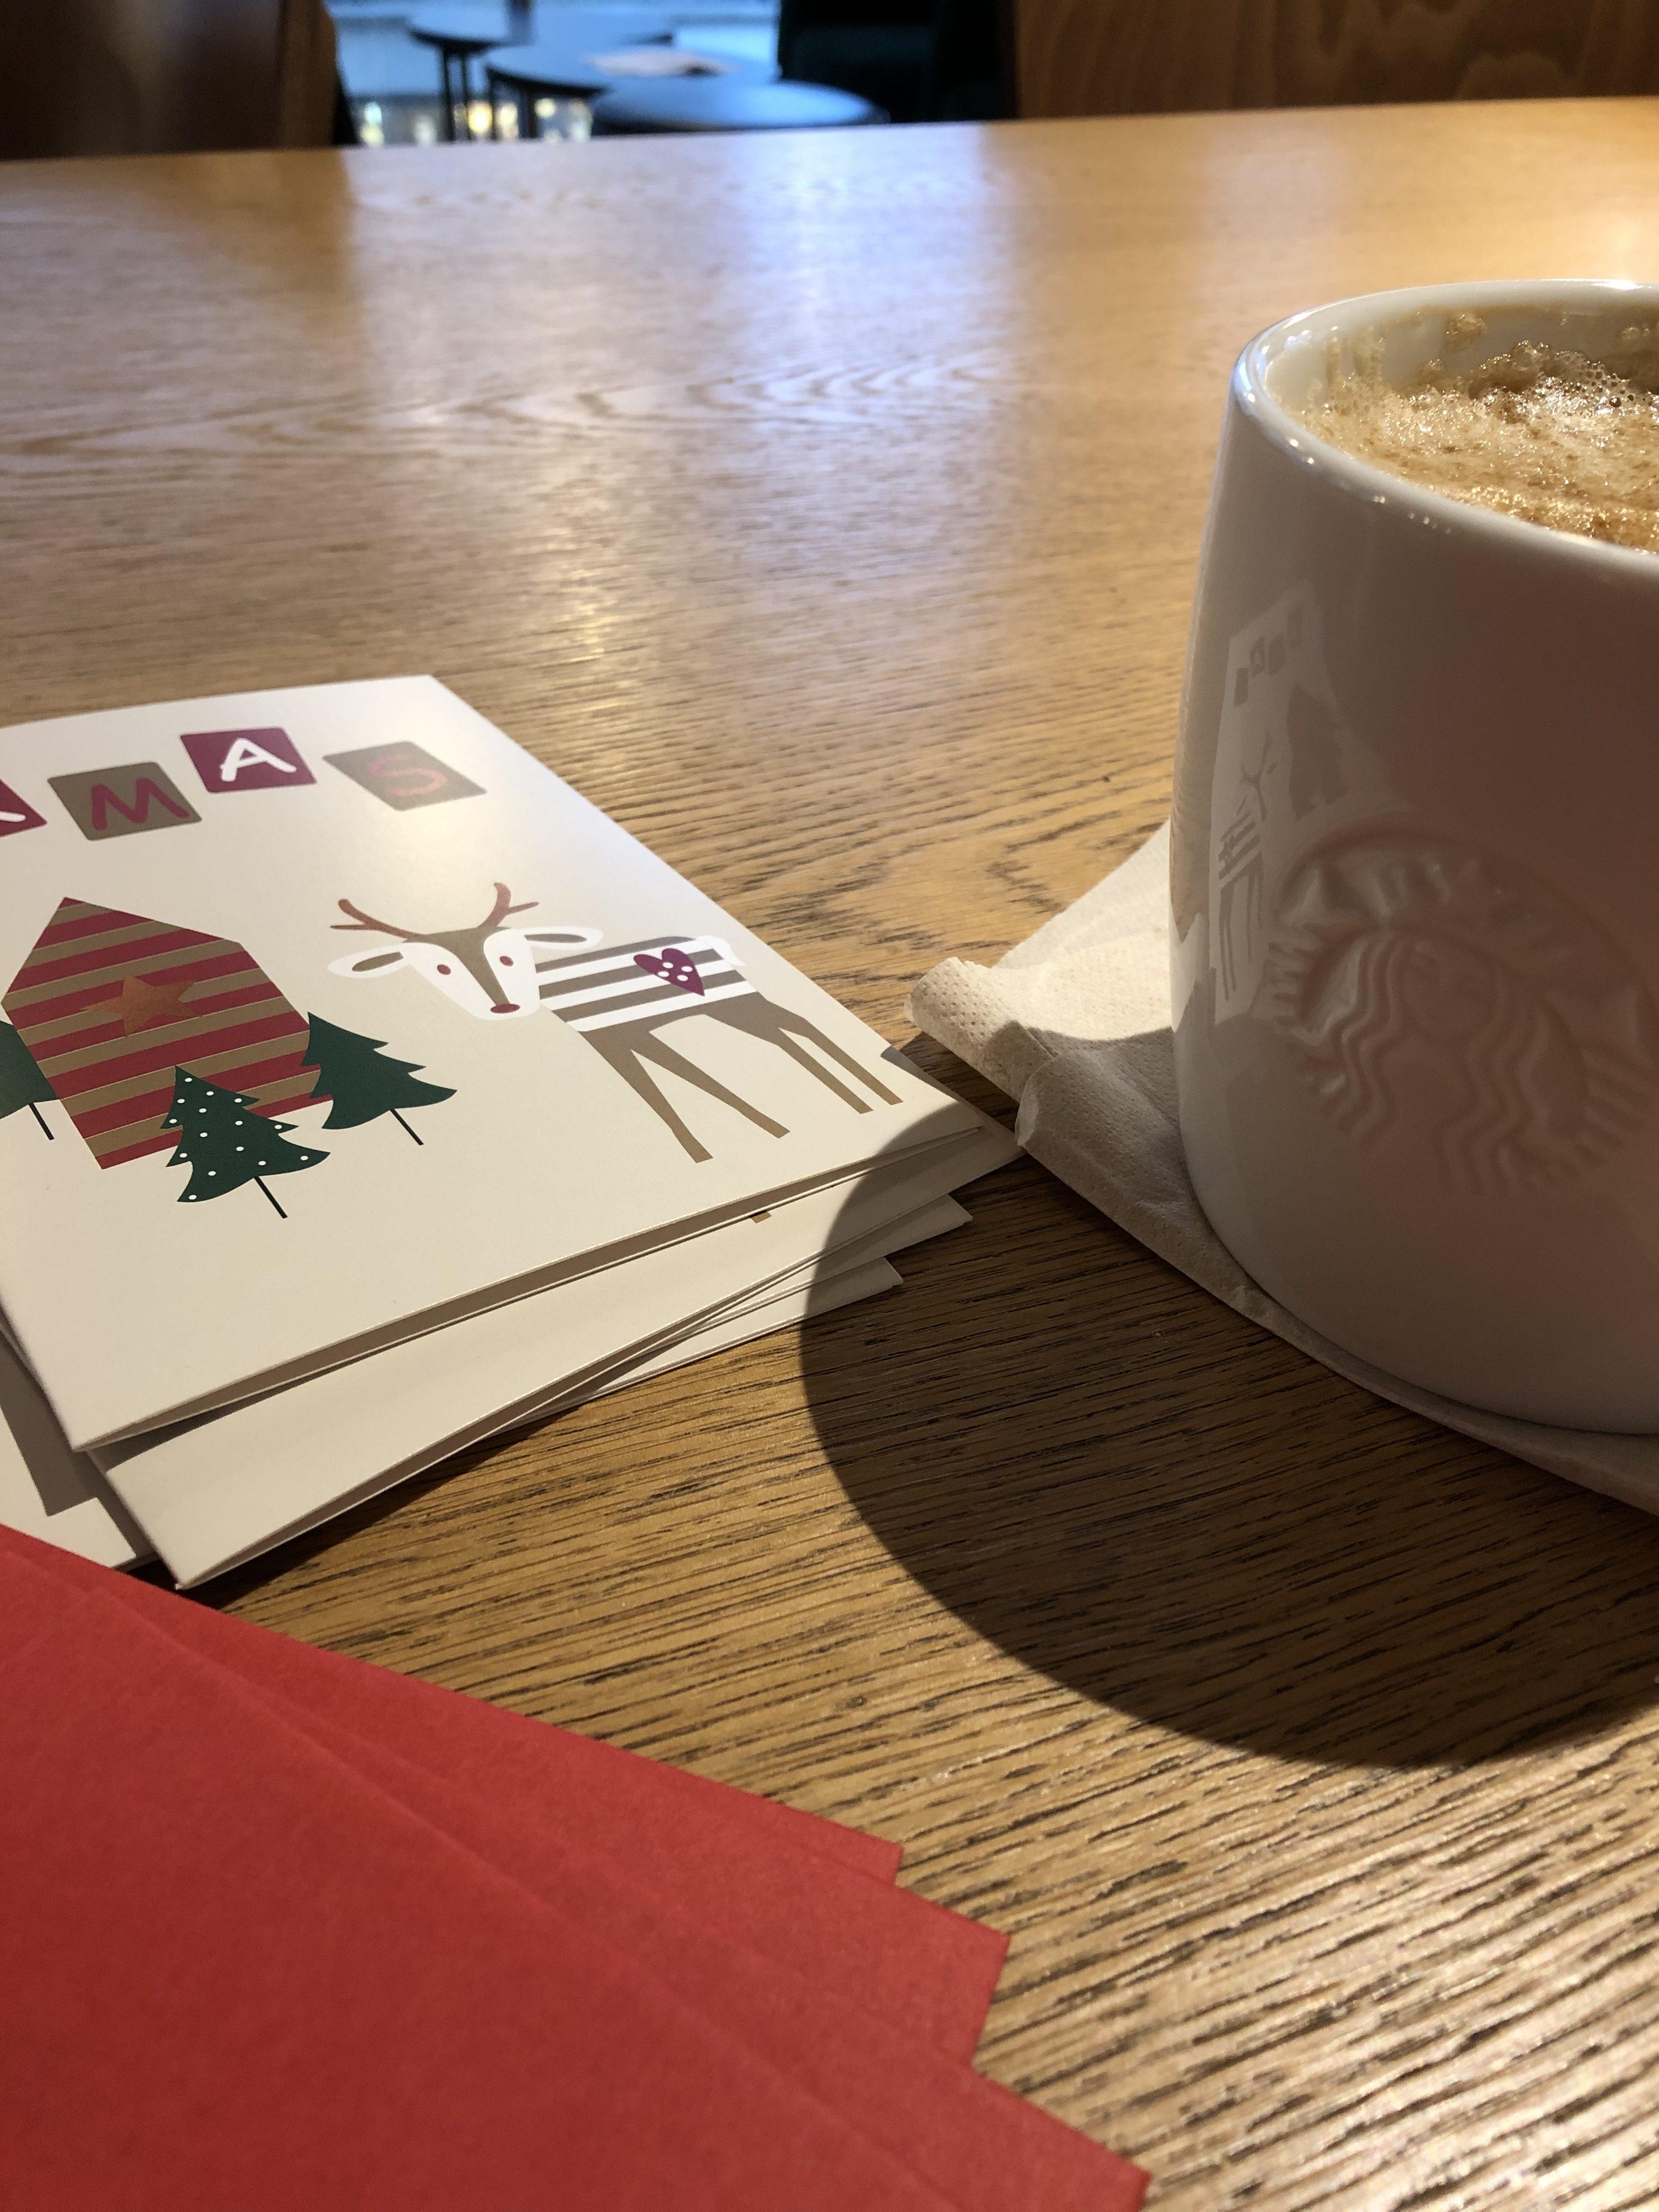 Tisch mit Weihnachtskarten und Kaffeetasse